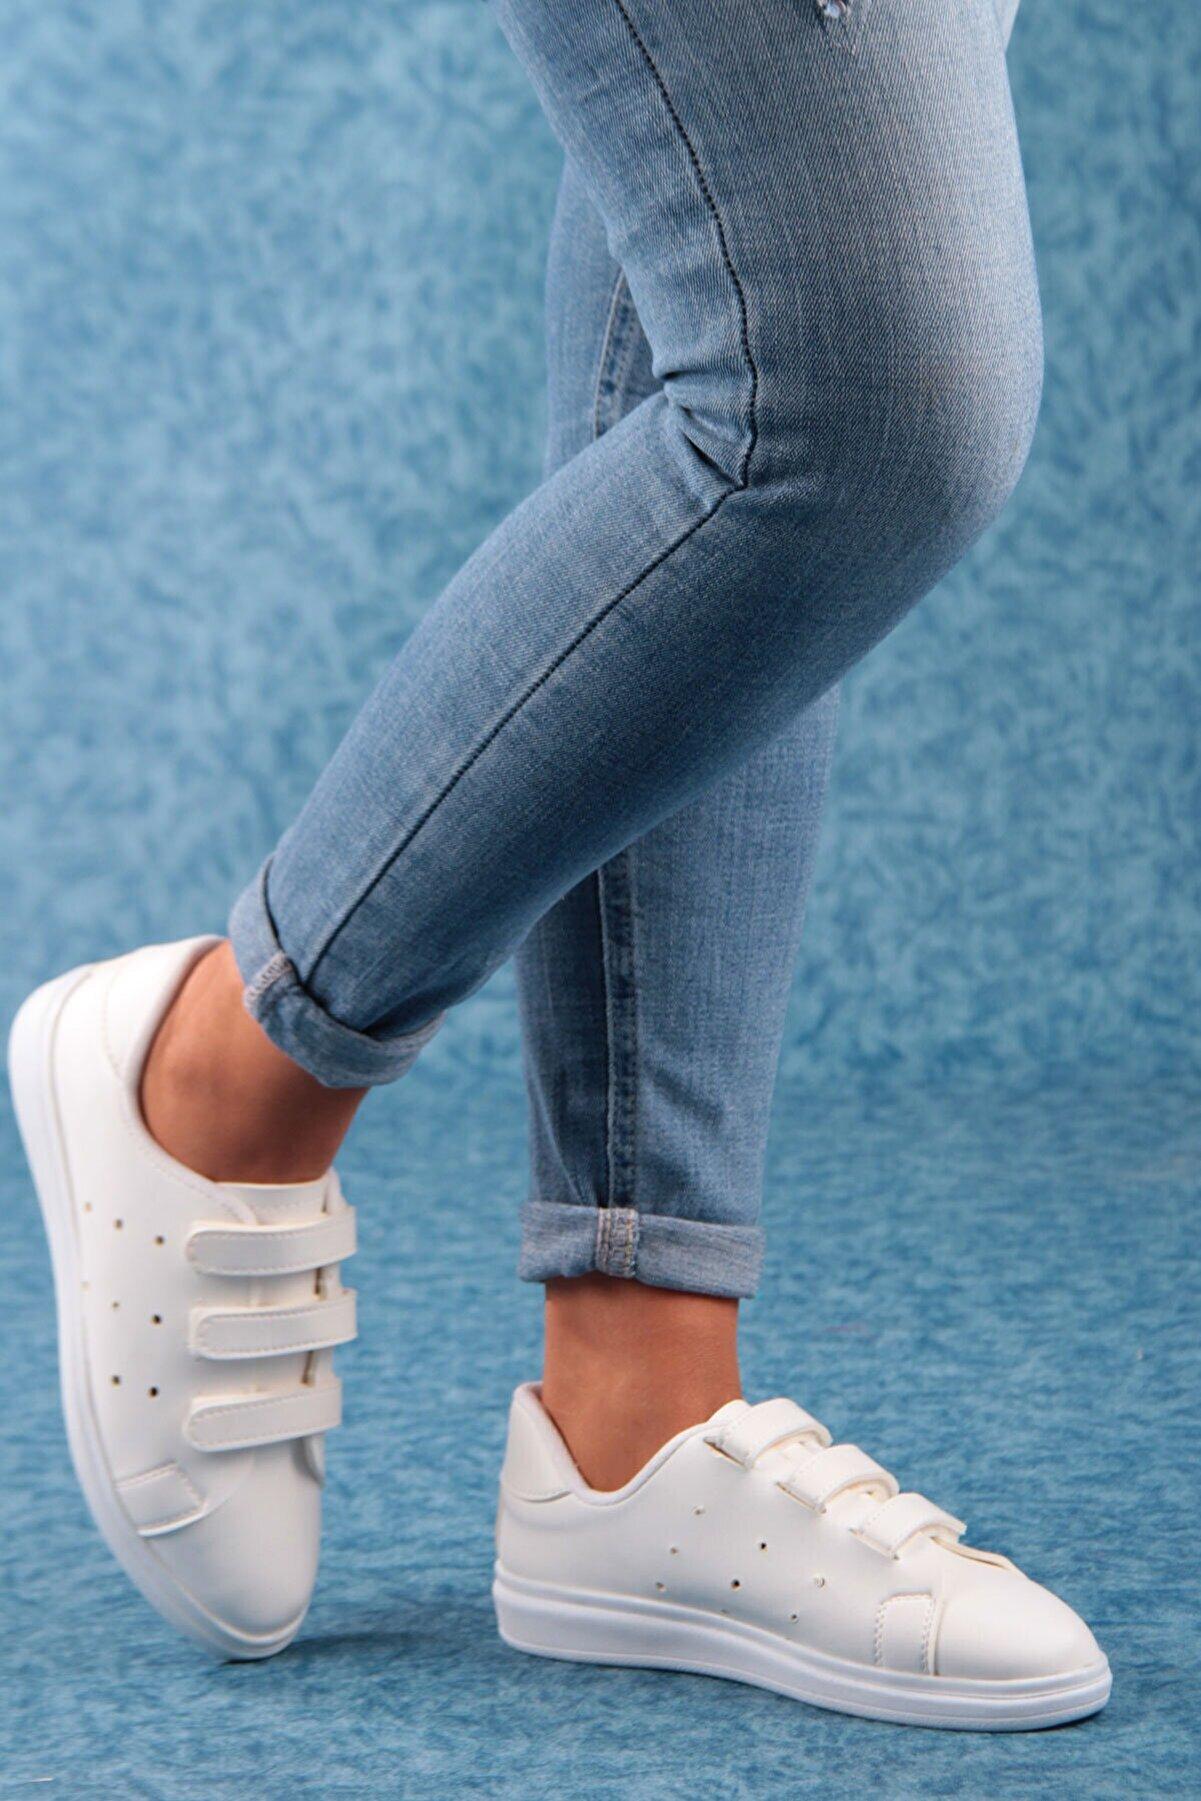 Gob London Kadın Beyaz Spor Ayakkabı 1029-101-0004